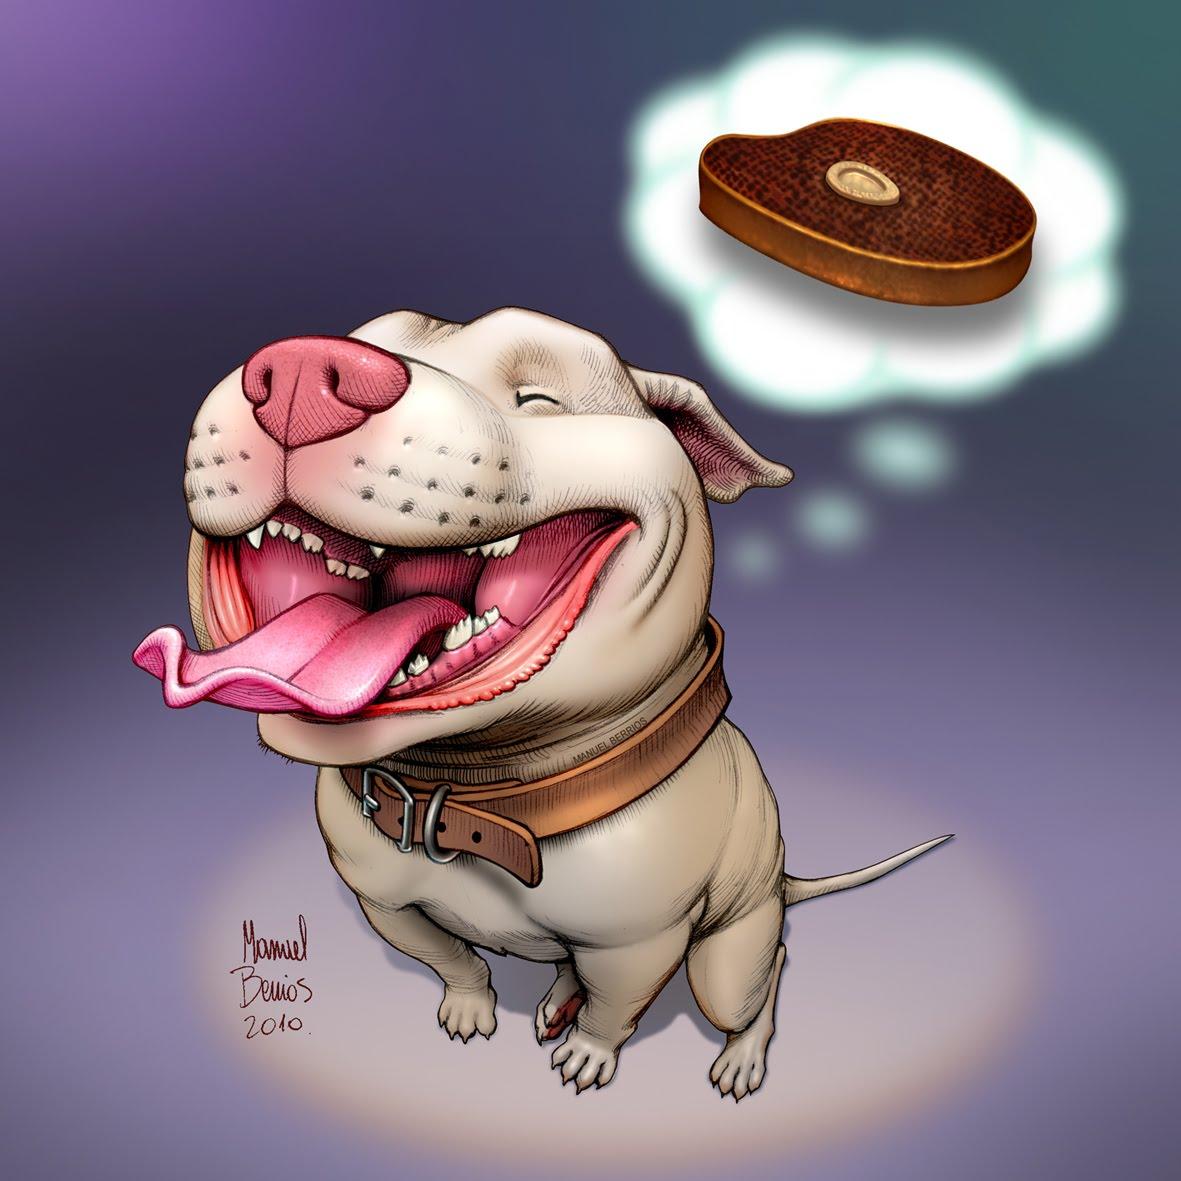 Caricaturas de Pitbull - Imagui